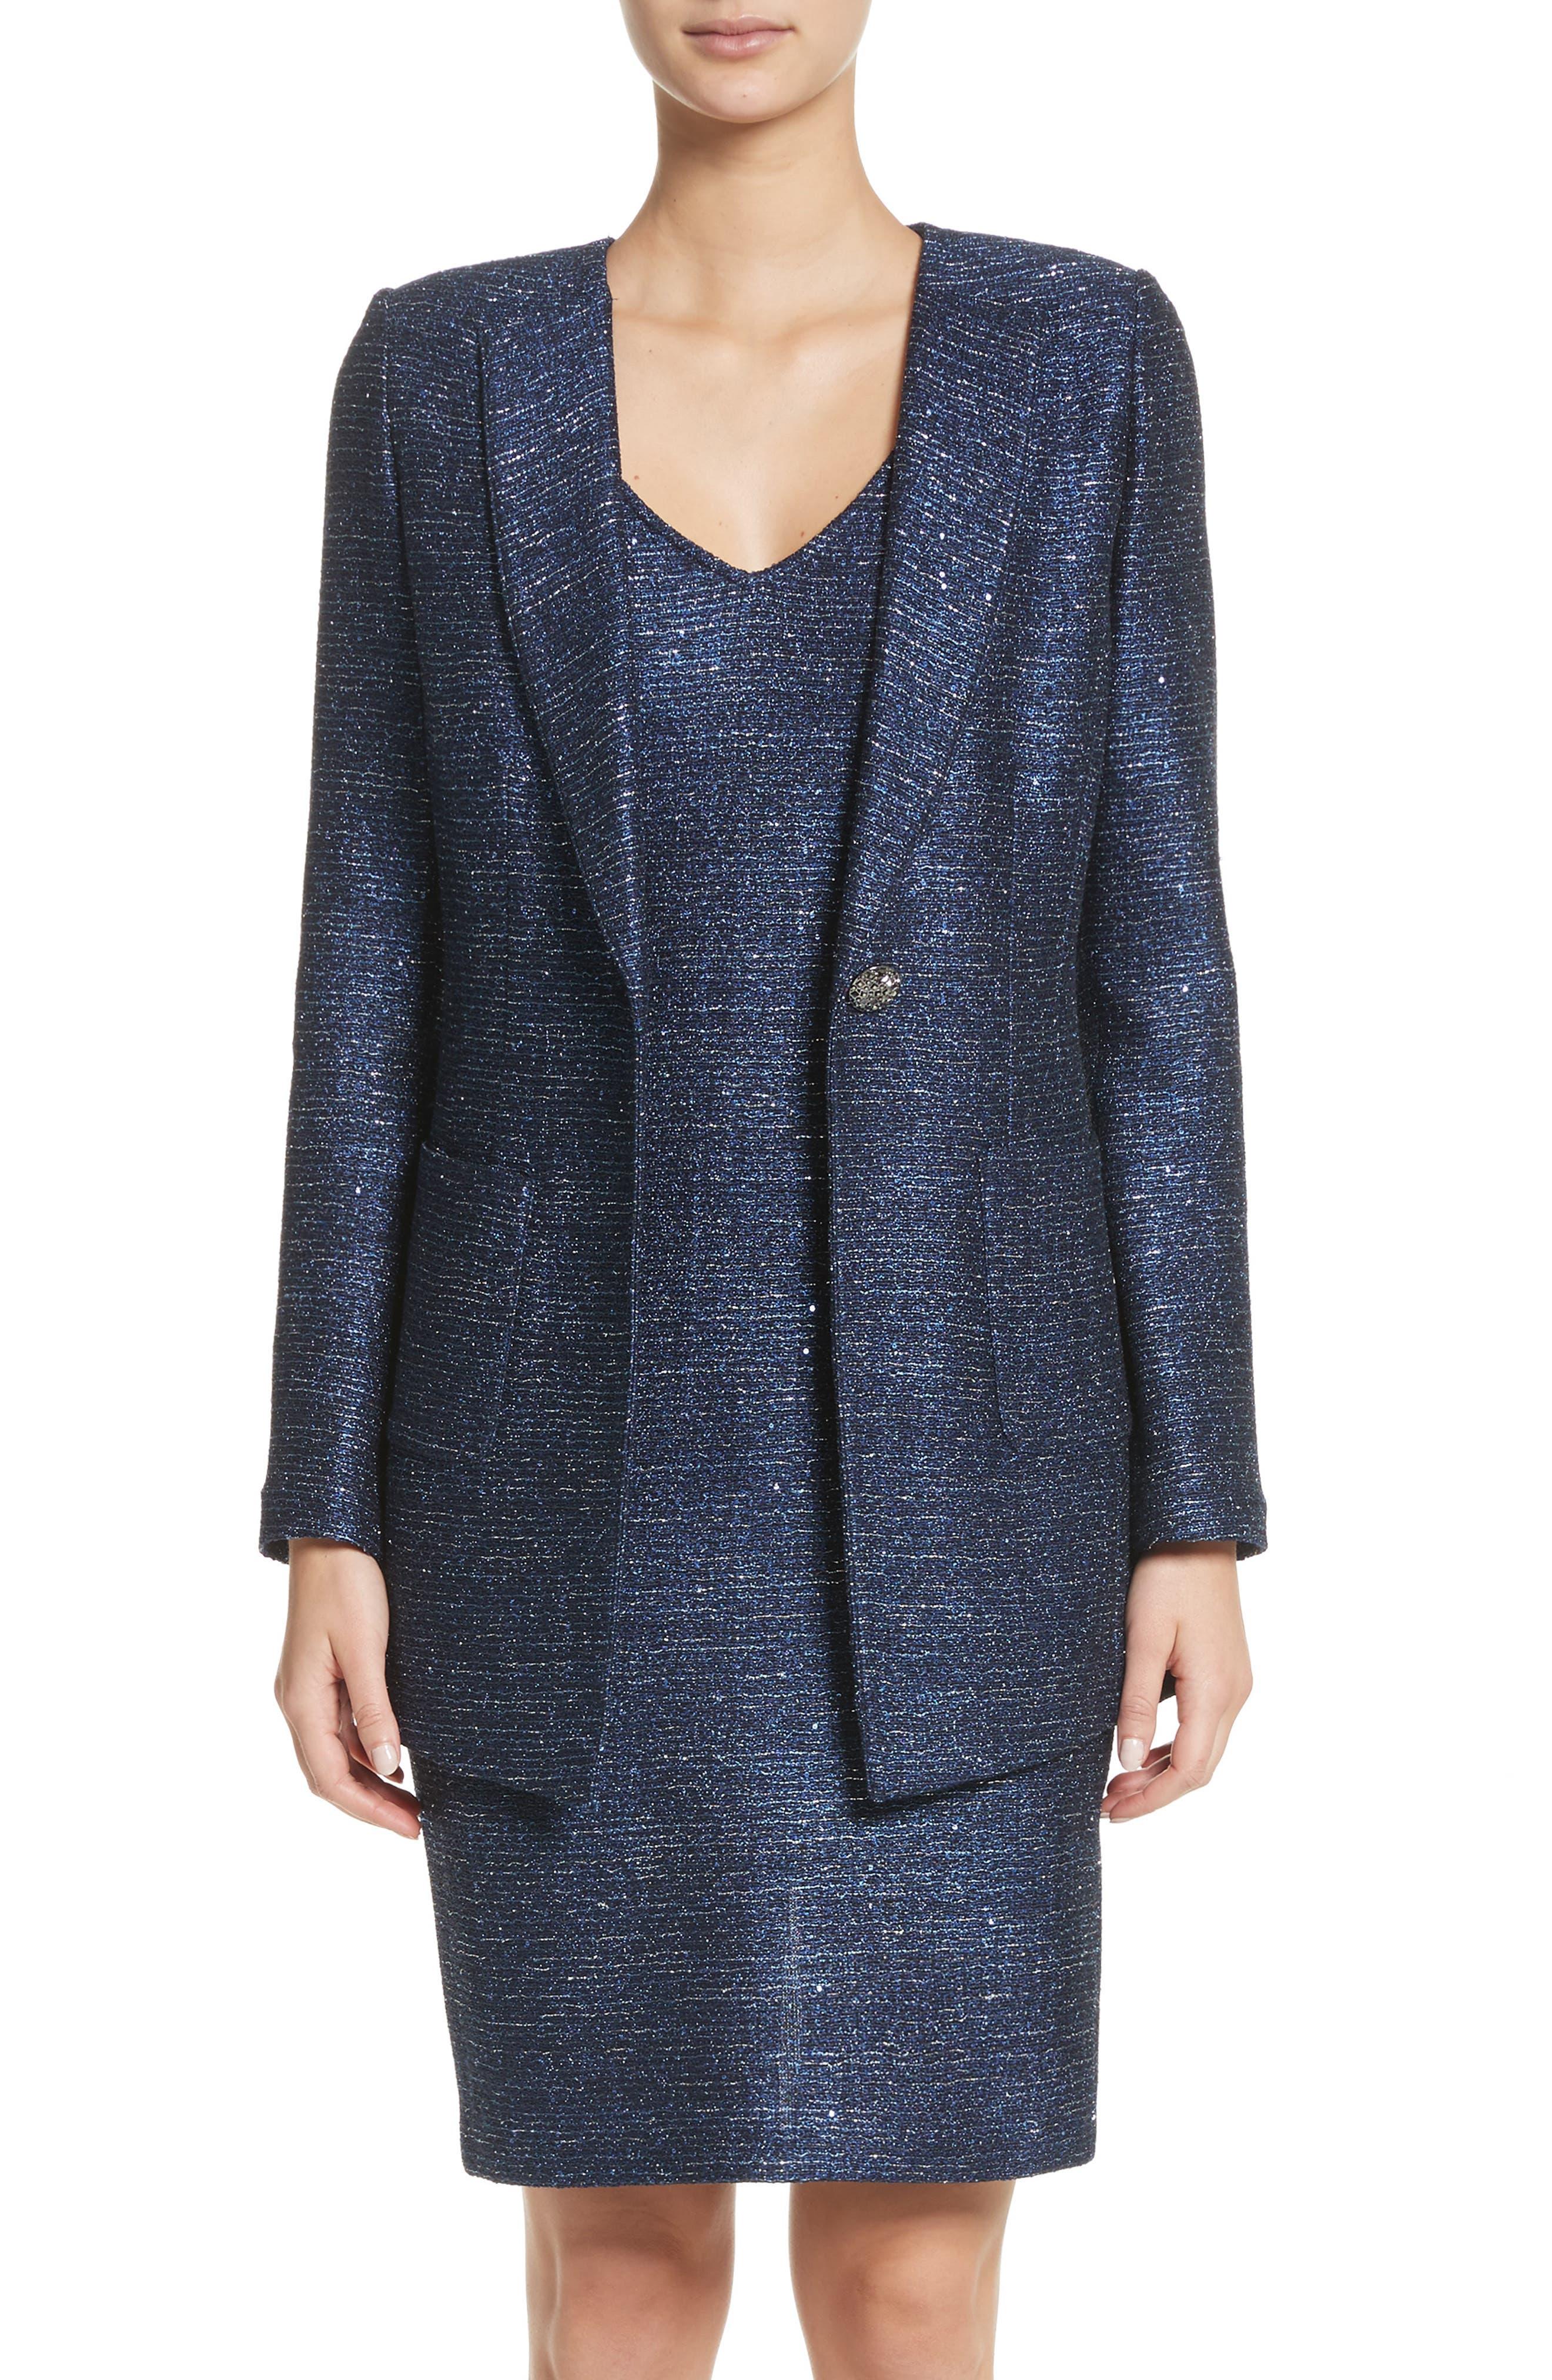 St. John Collection Sparkle Knit Blazer